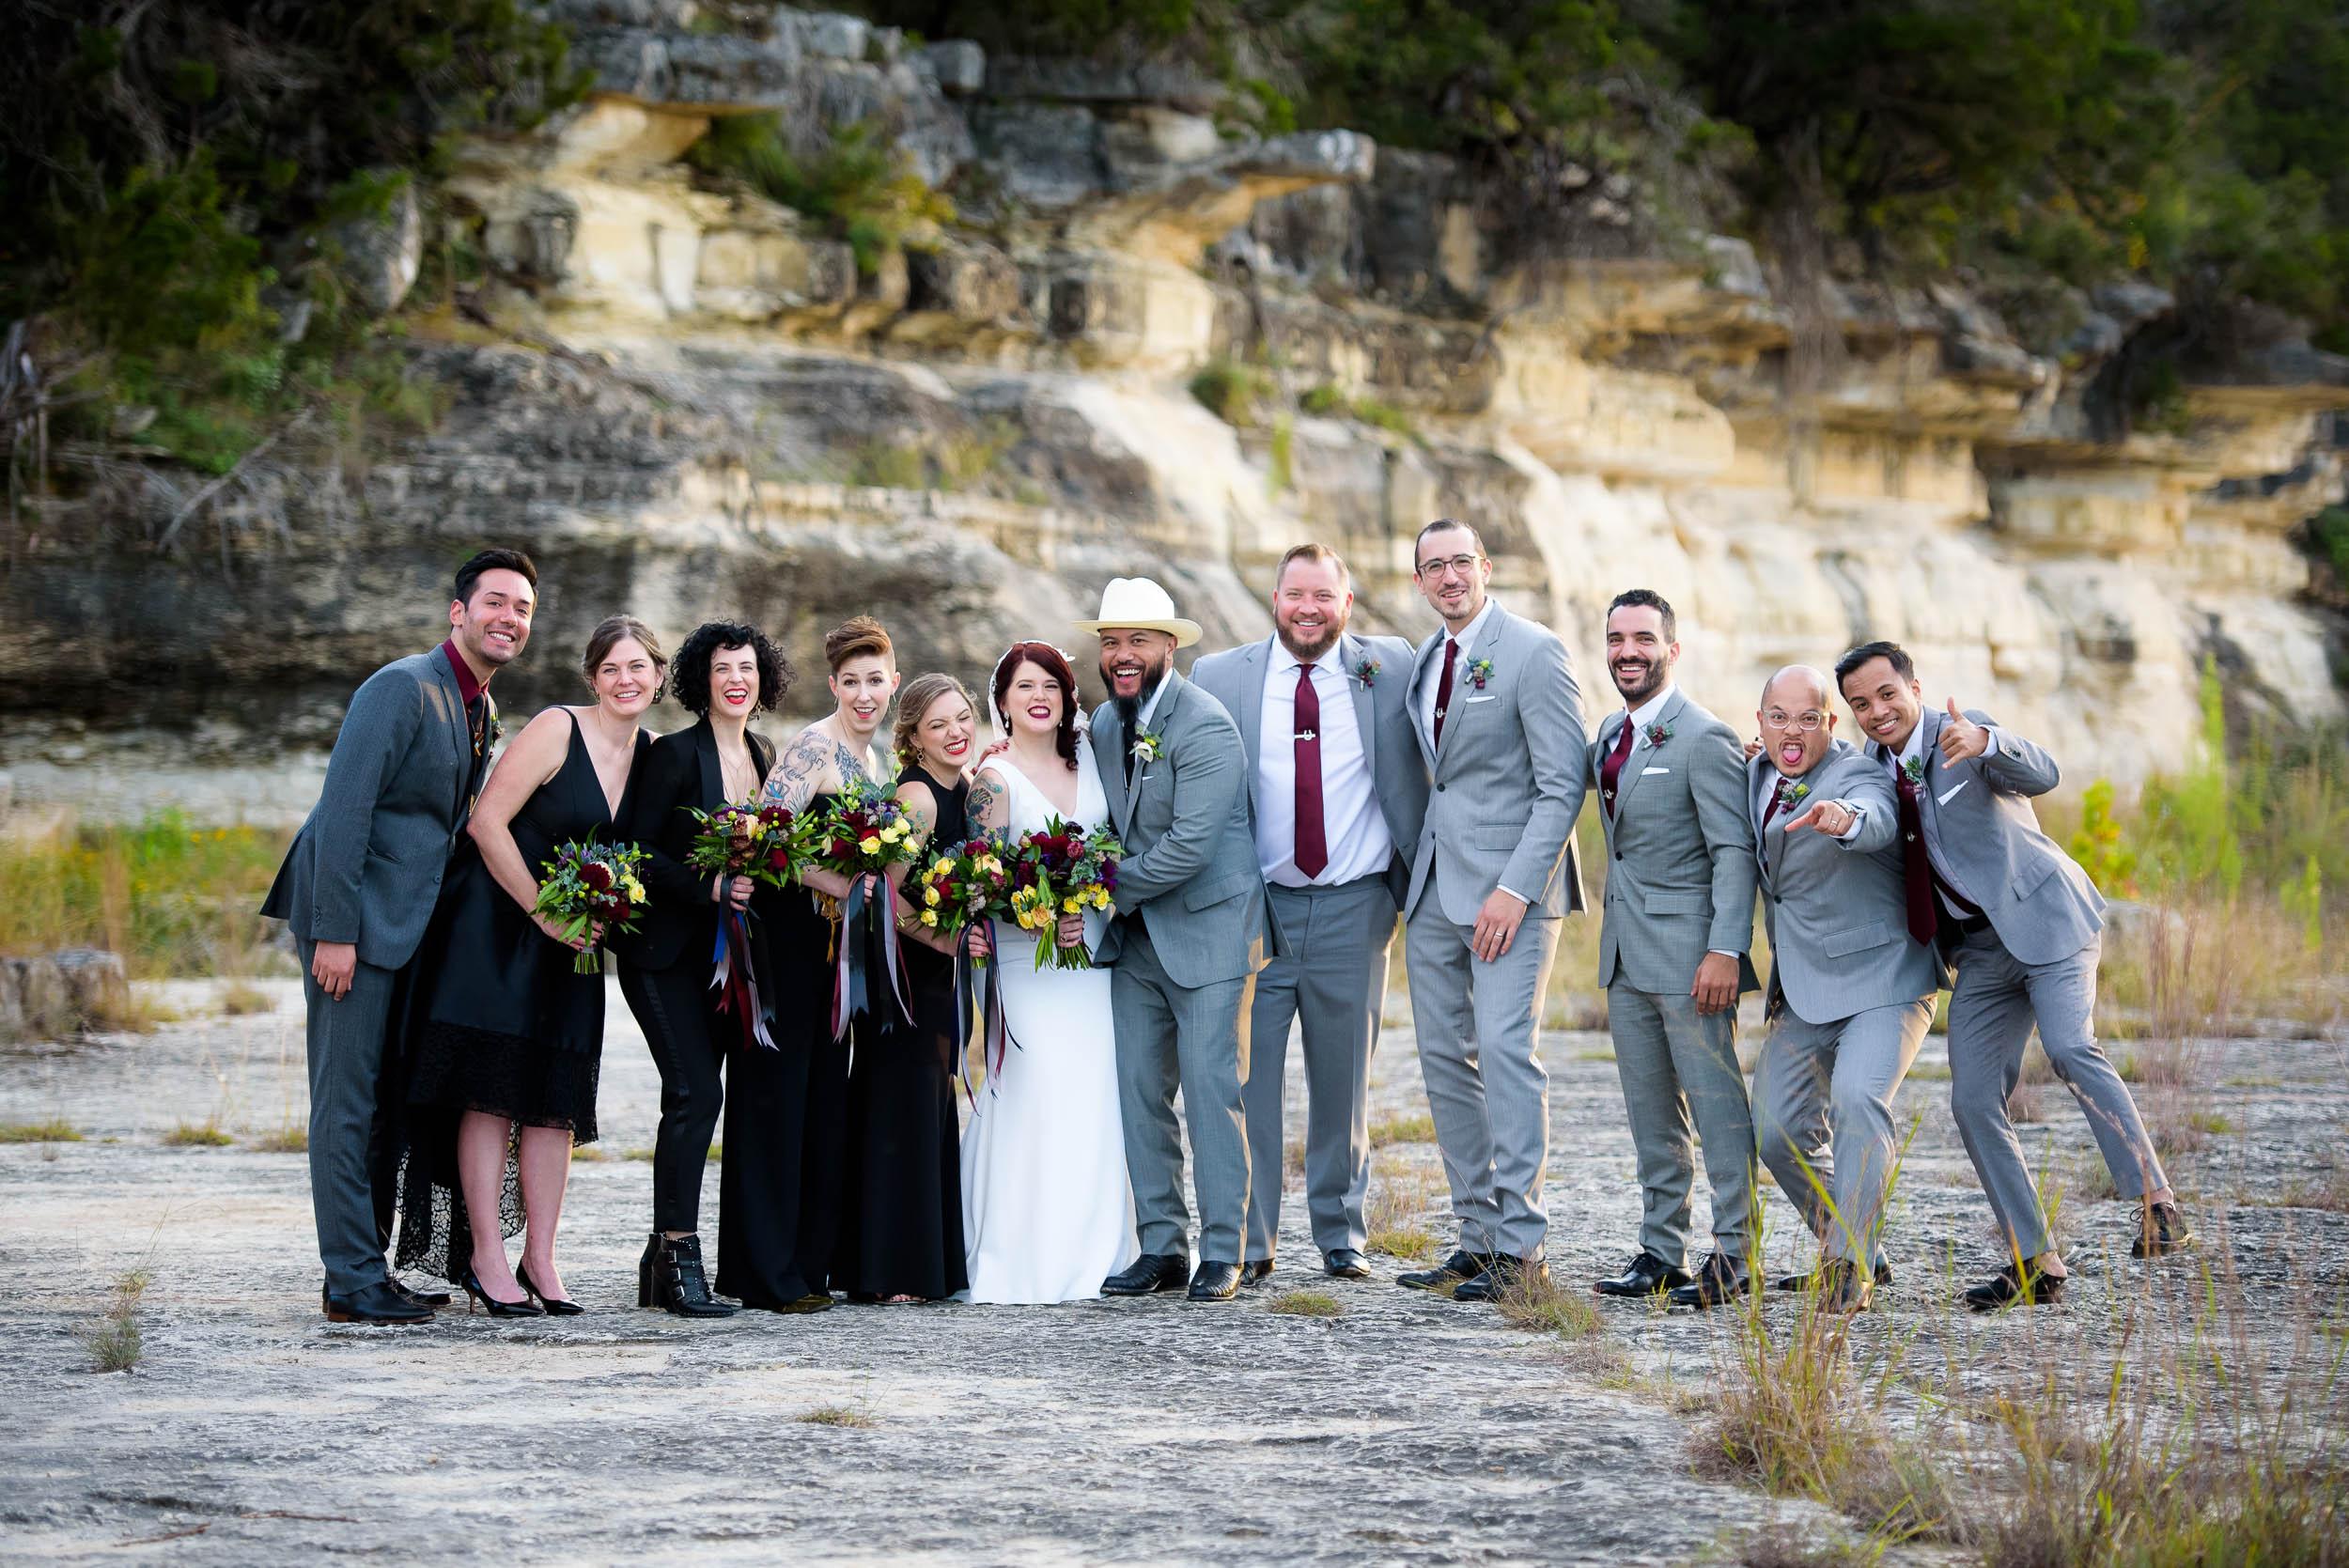 Fun wedding party photo during a Montesino Ranch wedding Austin, Texas.